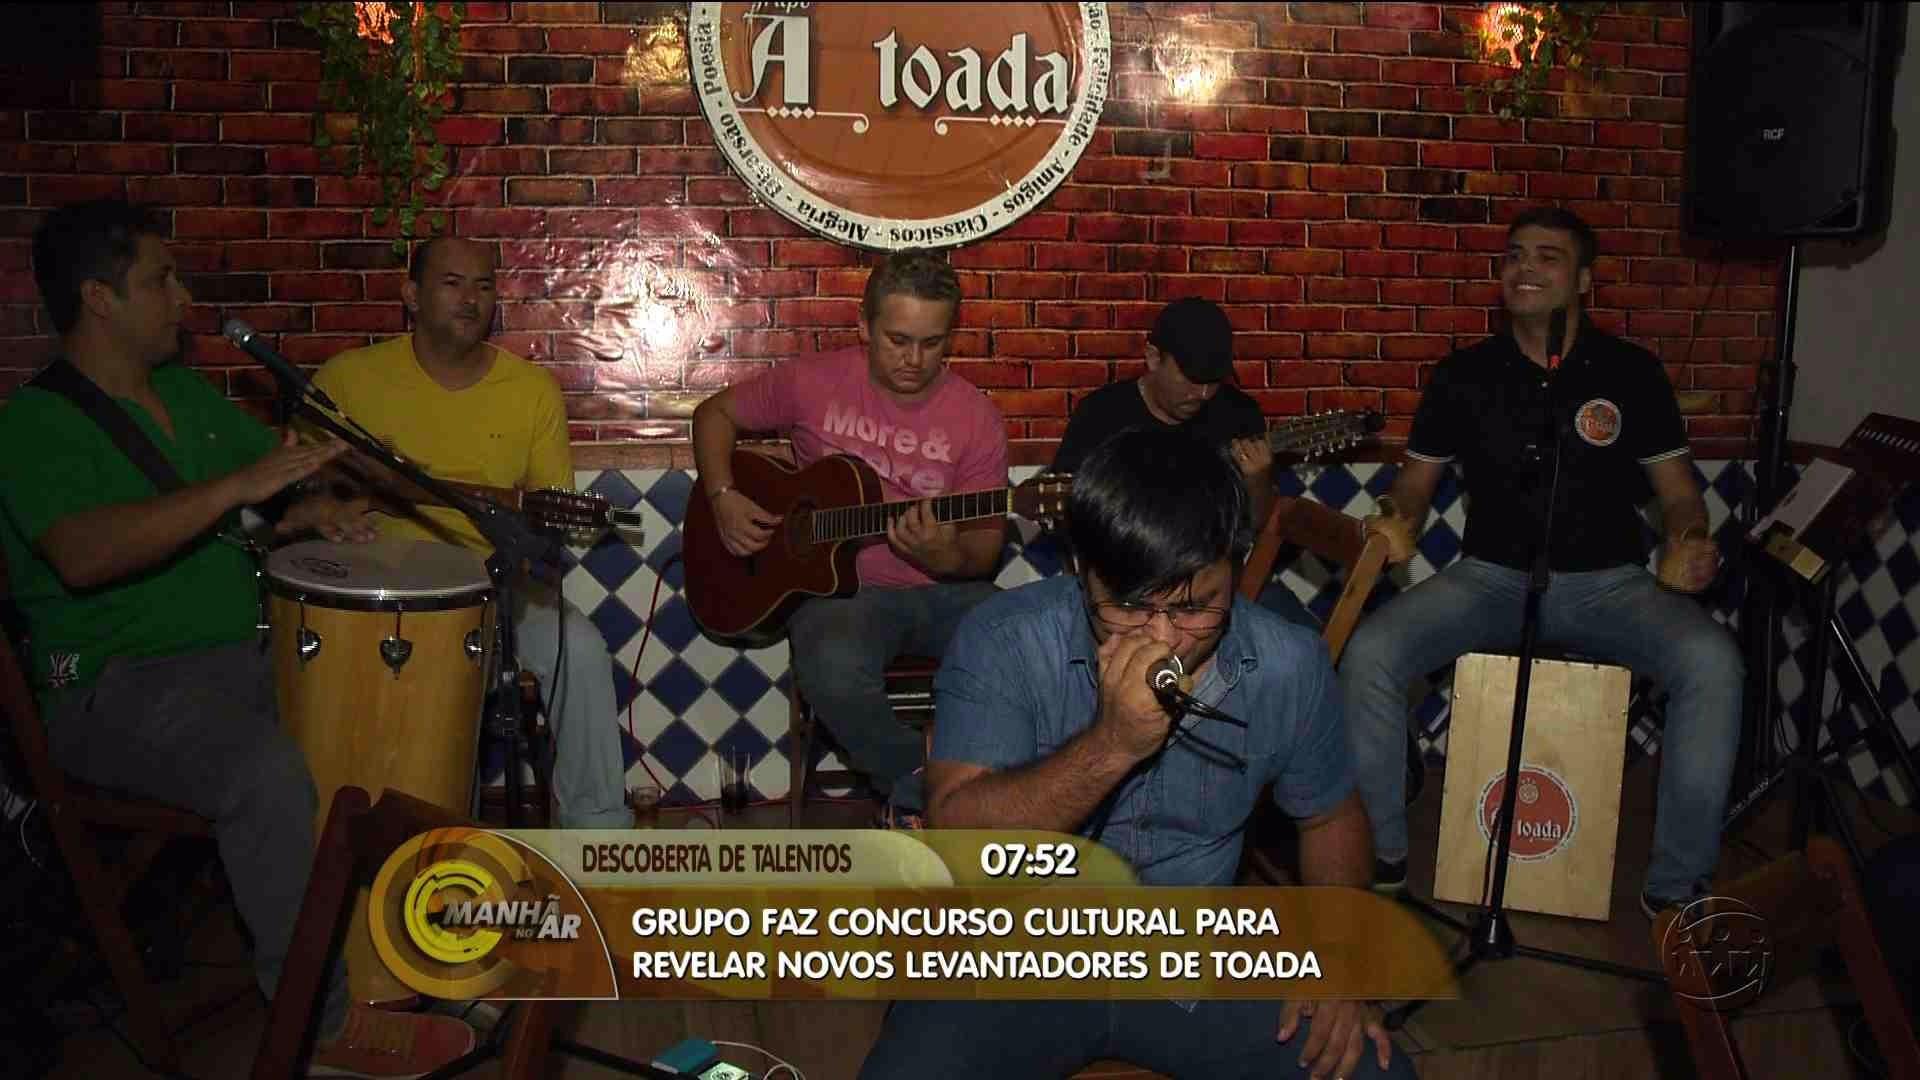 TALENTO: CONCURSO CULTURAL BUSCA NOVOS LEVANTADORES DE TOADA - Manhã no Ar 18/08/17